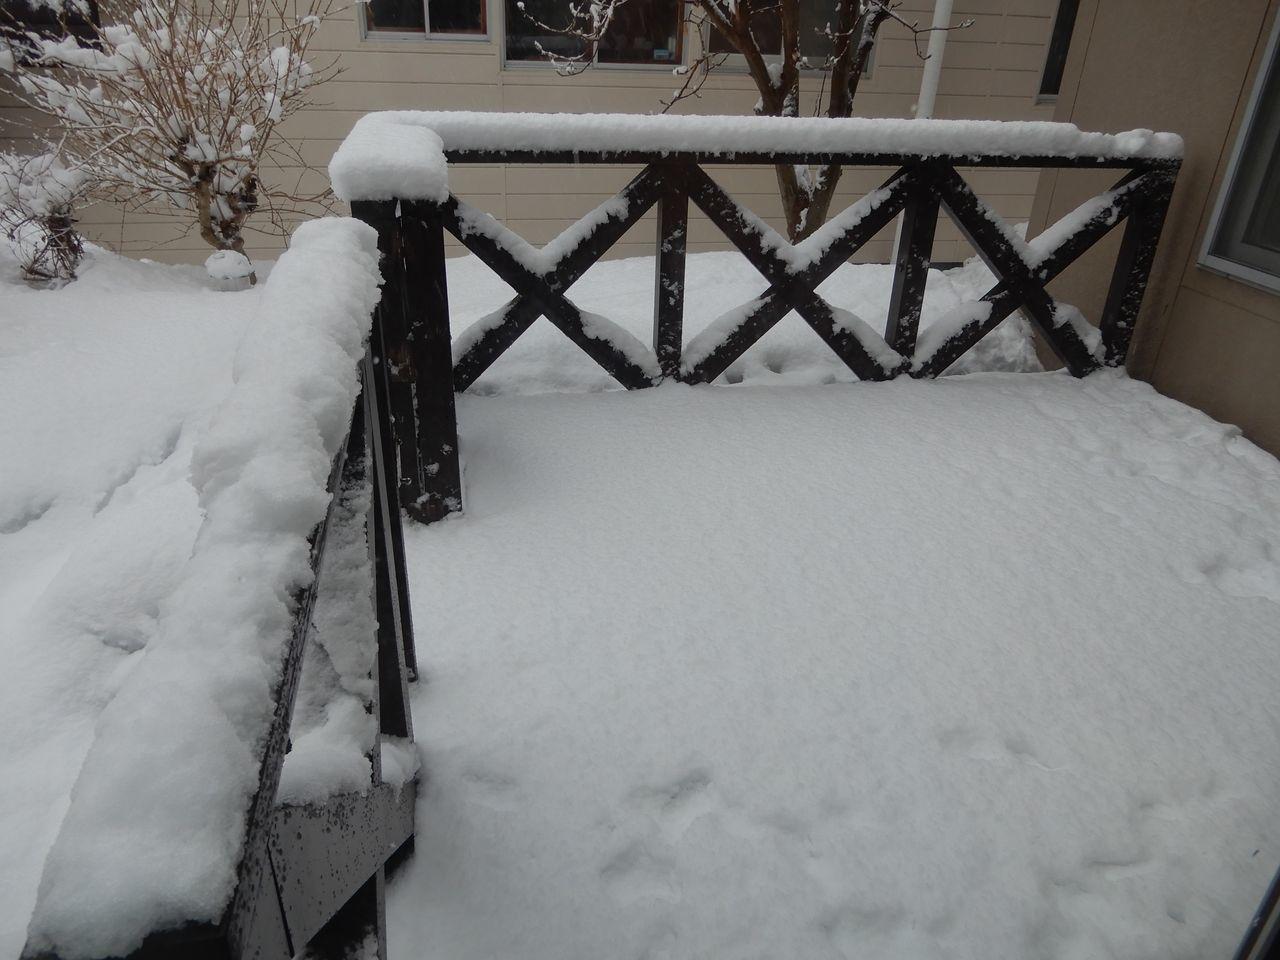 水よりも重い雪が積もりました_c0025115_22262490.jpg